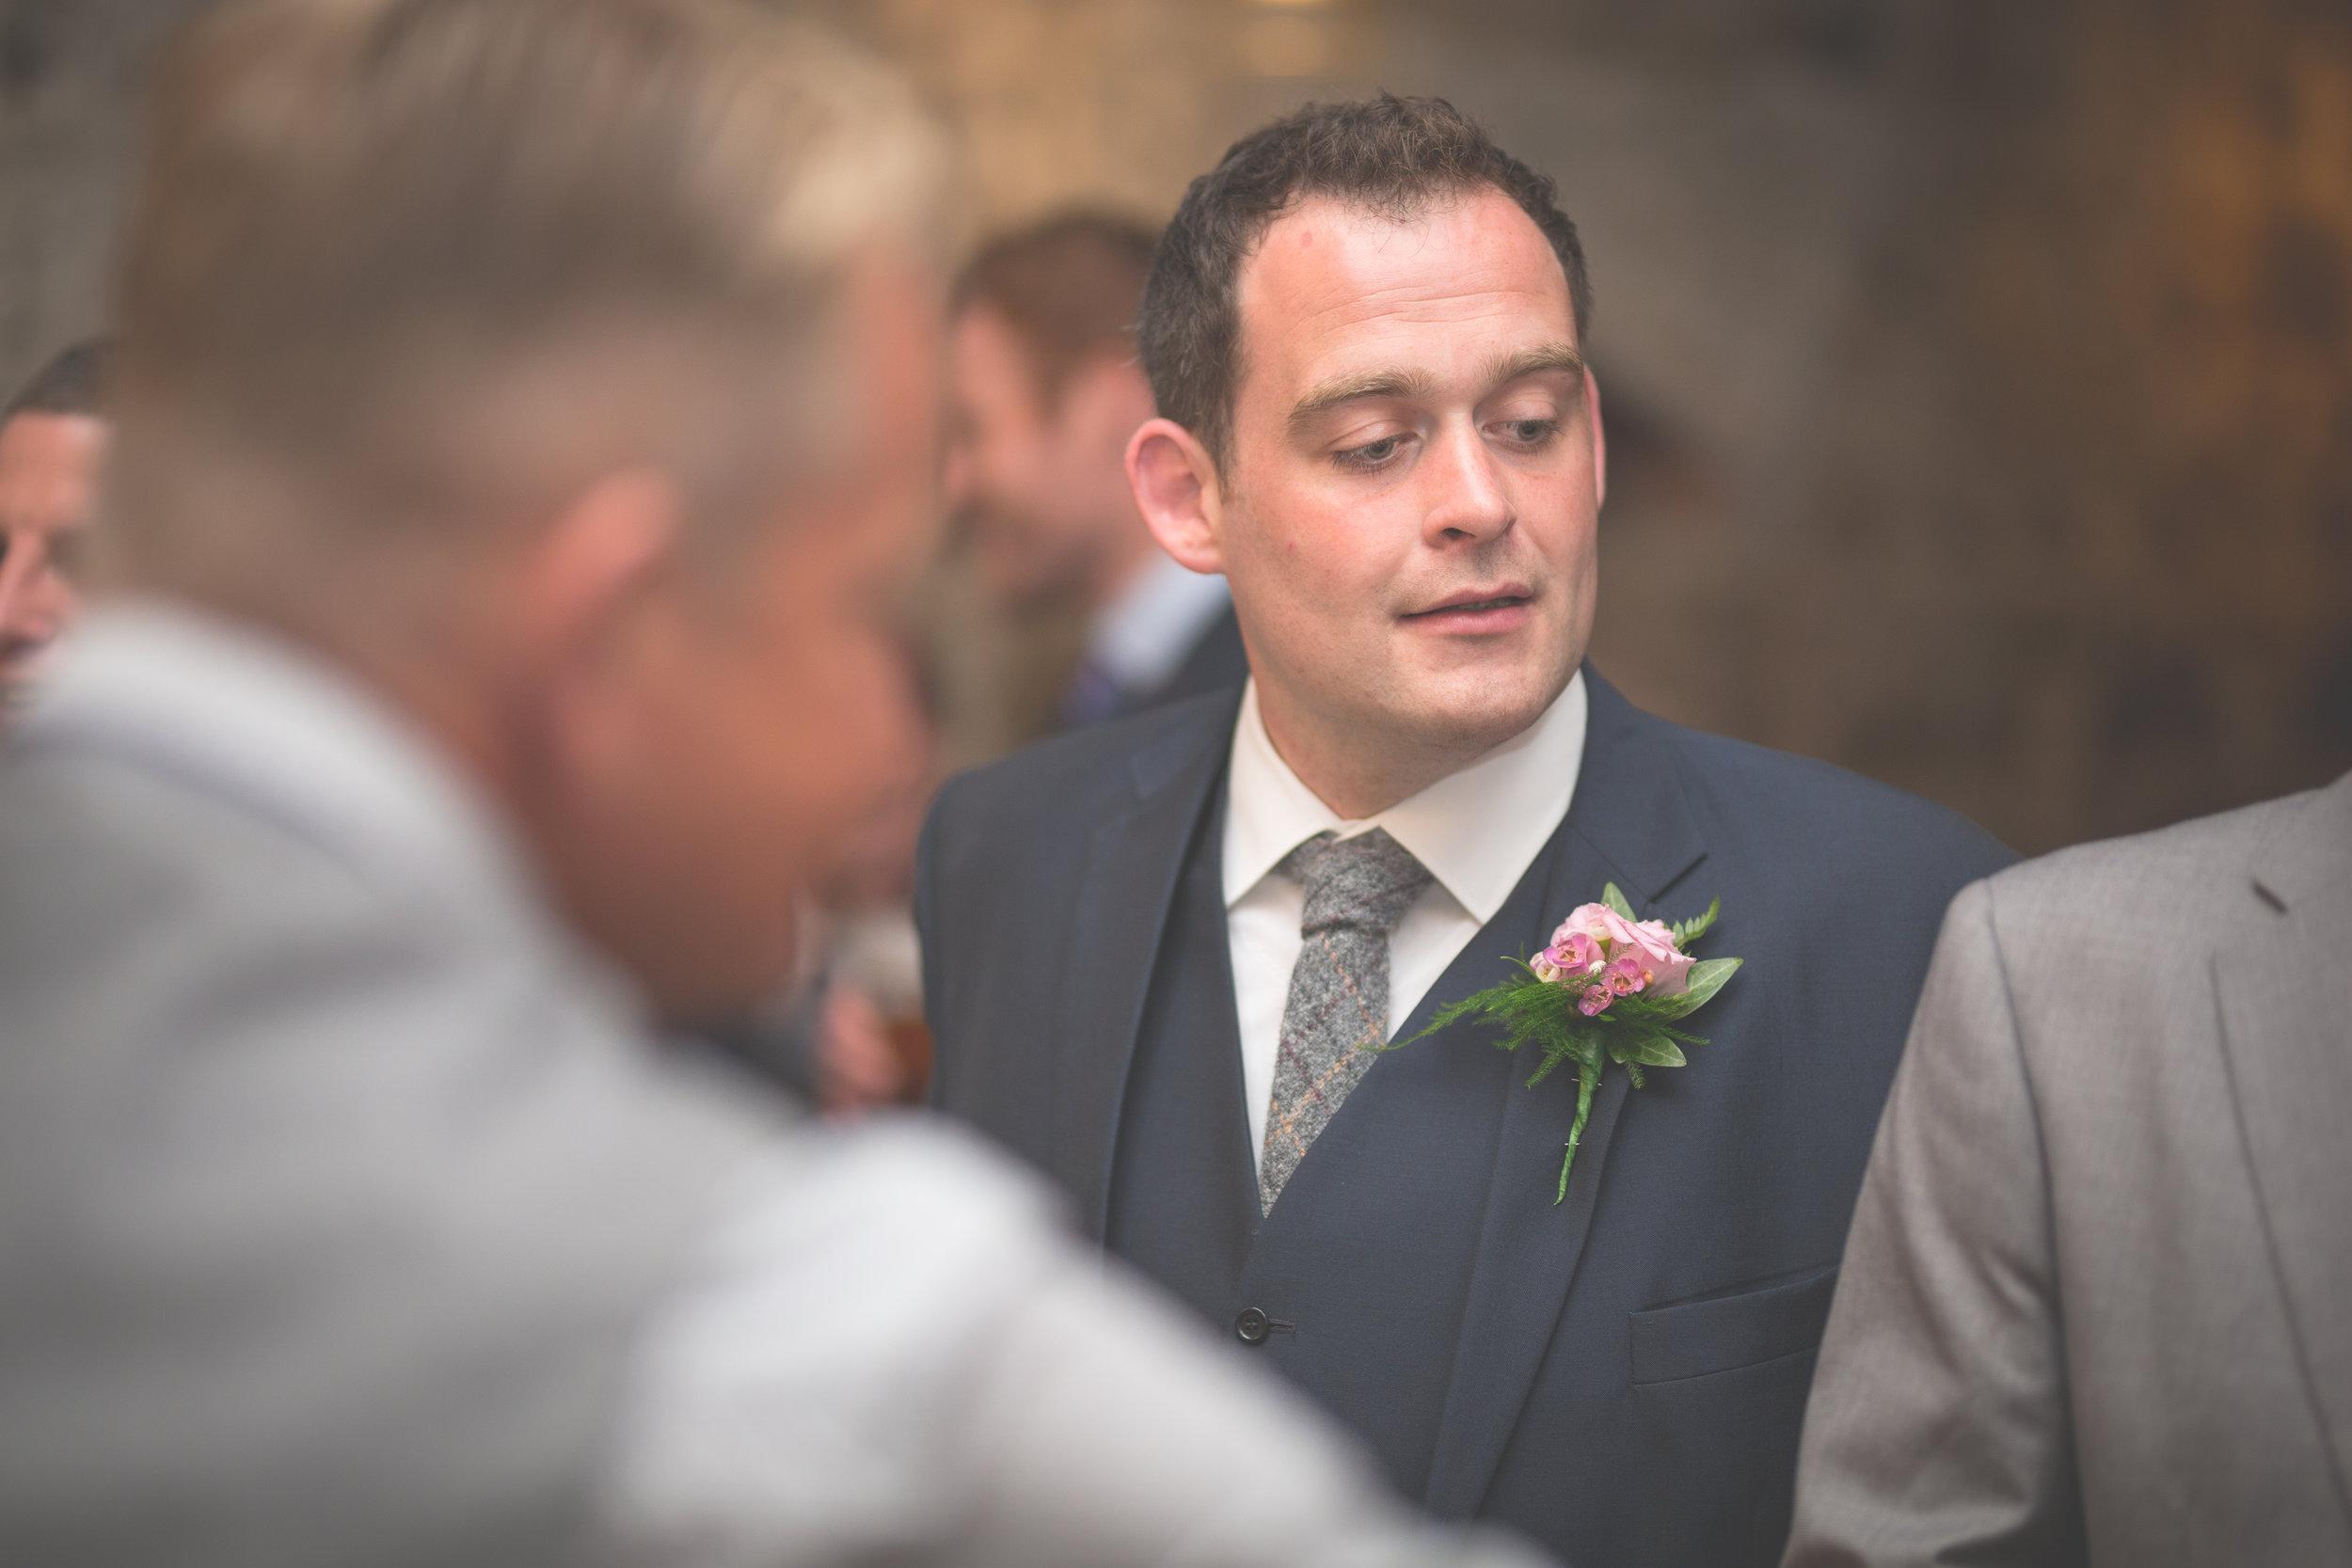 Brian McEwan Wedding Photography | Carol-Anne & Sean | The Speeches-14.jpg